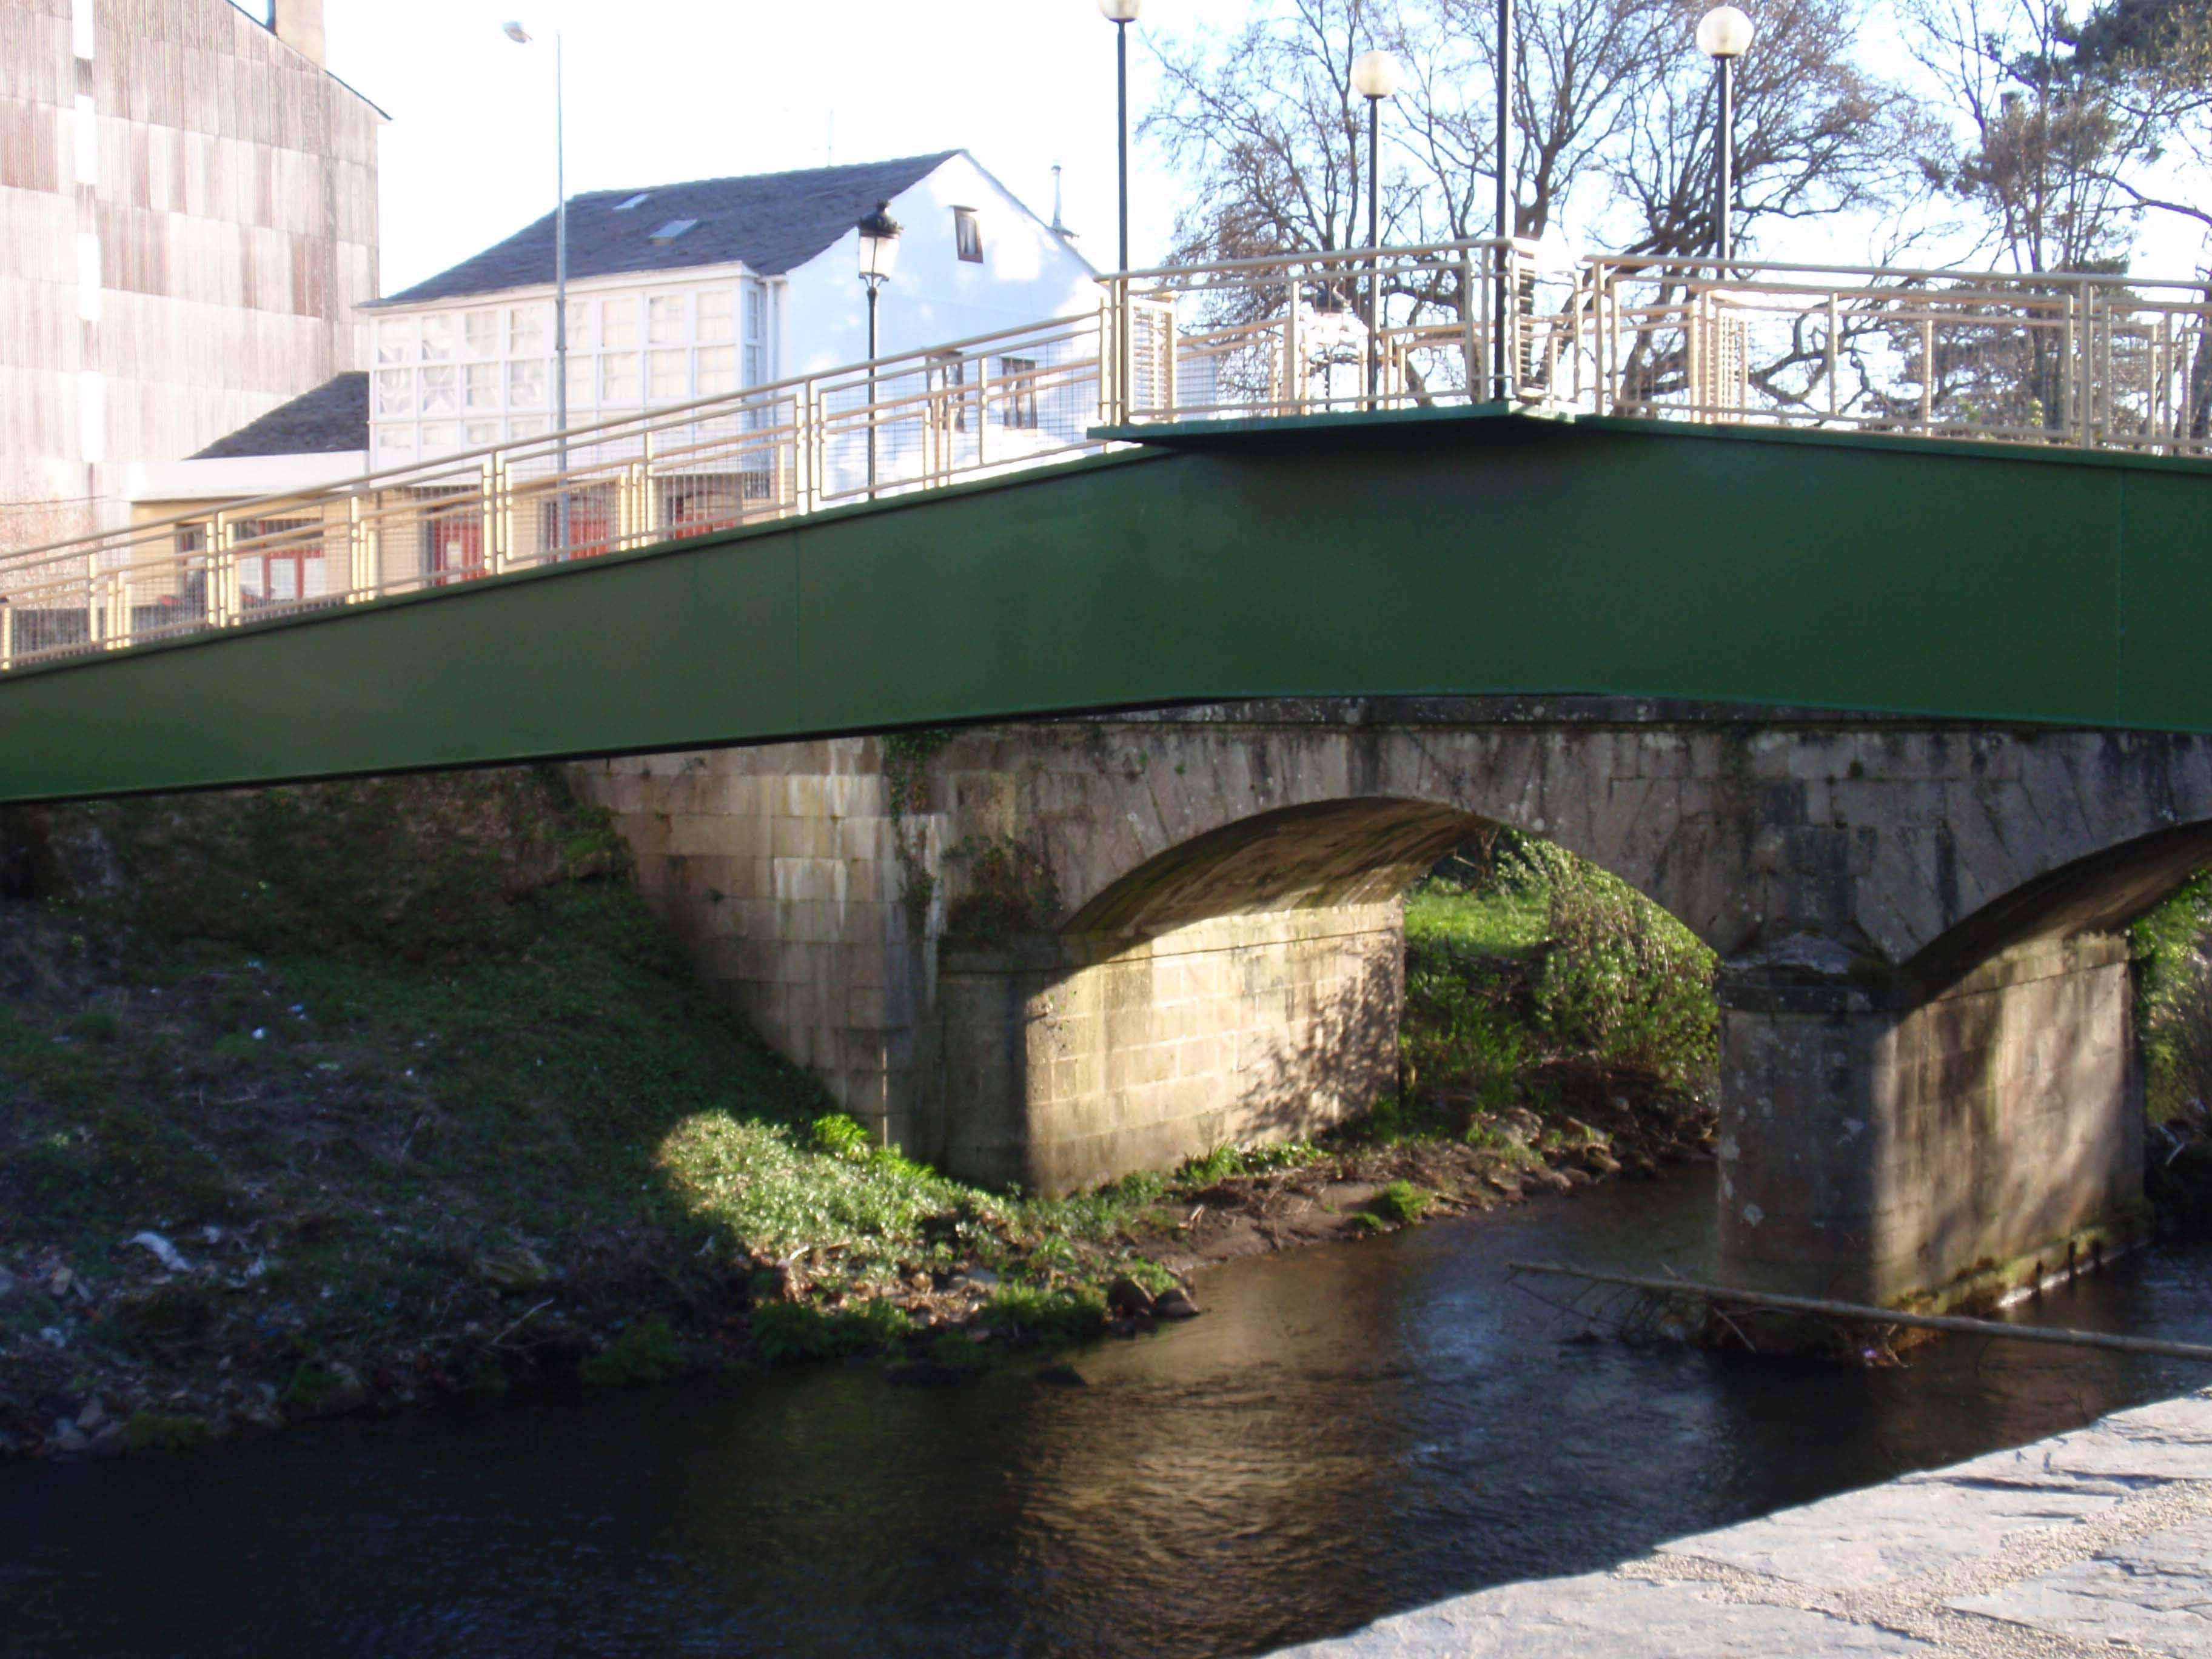 Fe smo en as pontes de garc a rodr guez minimundos - Tiempo en puentes de garcia rodriguez ...